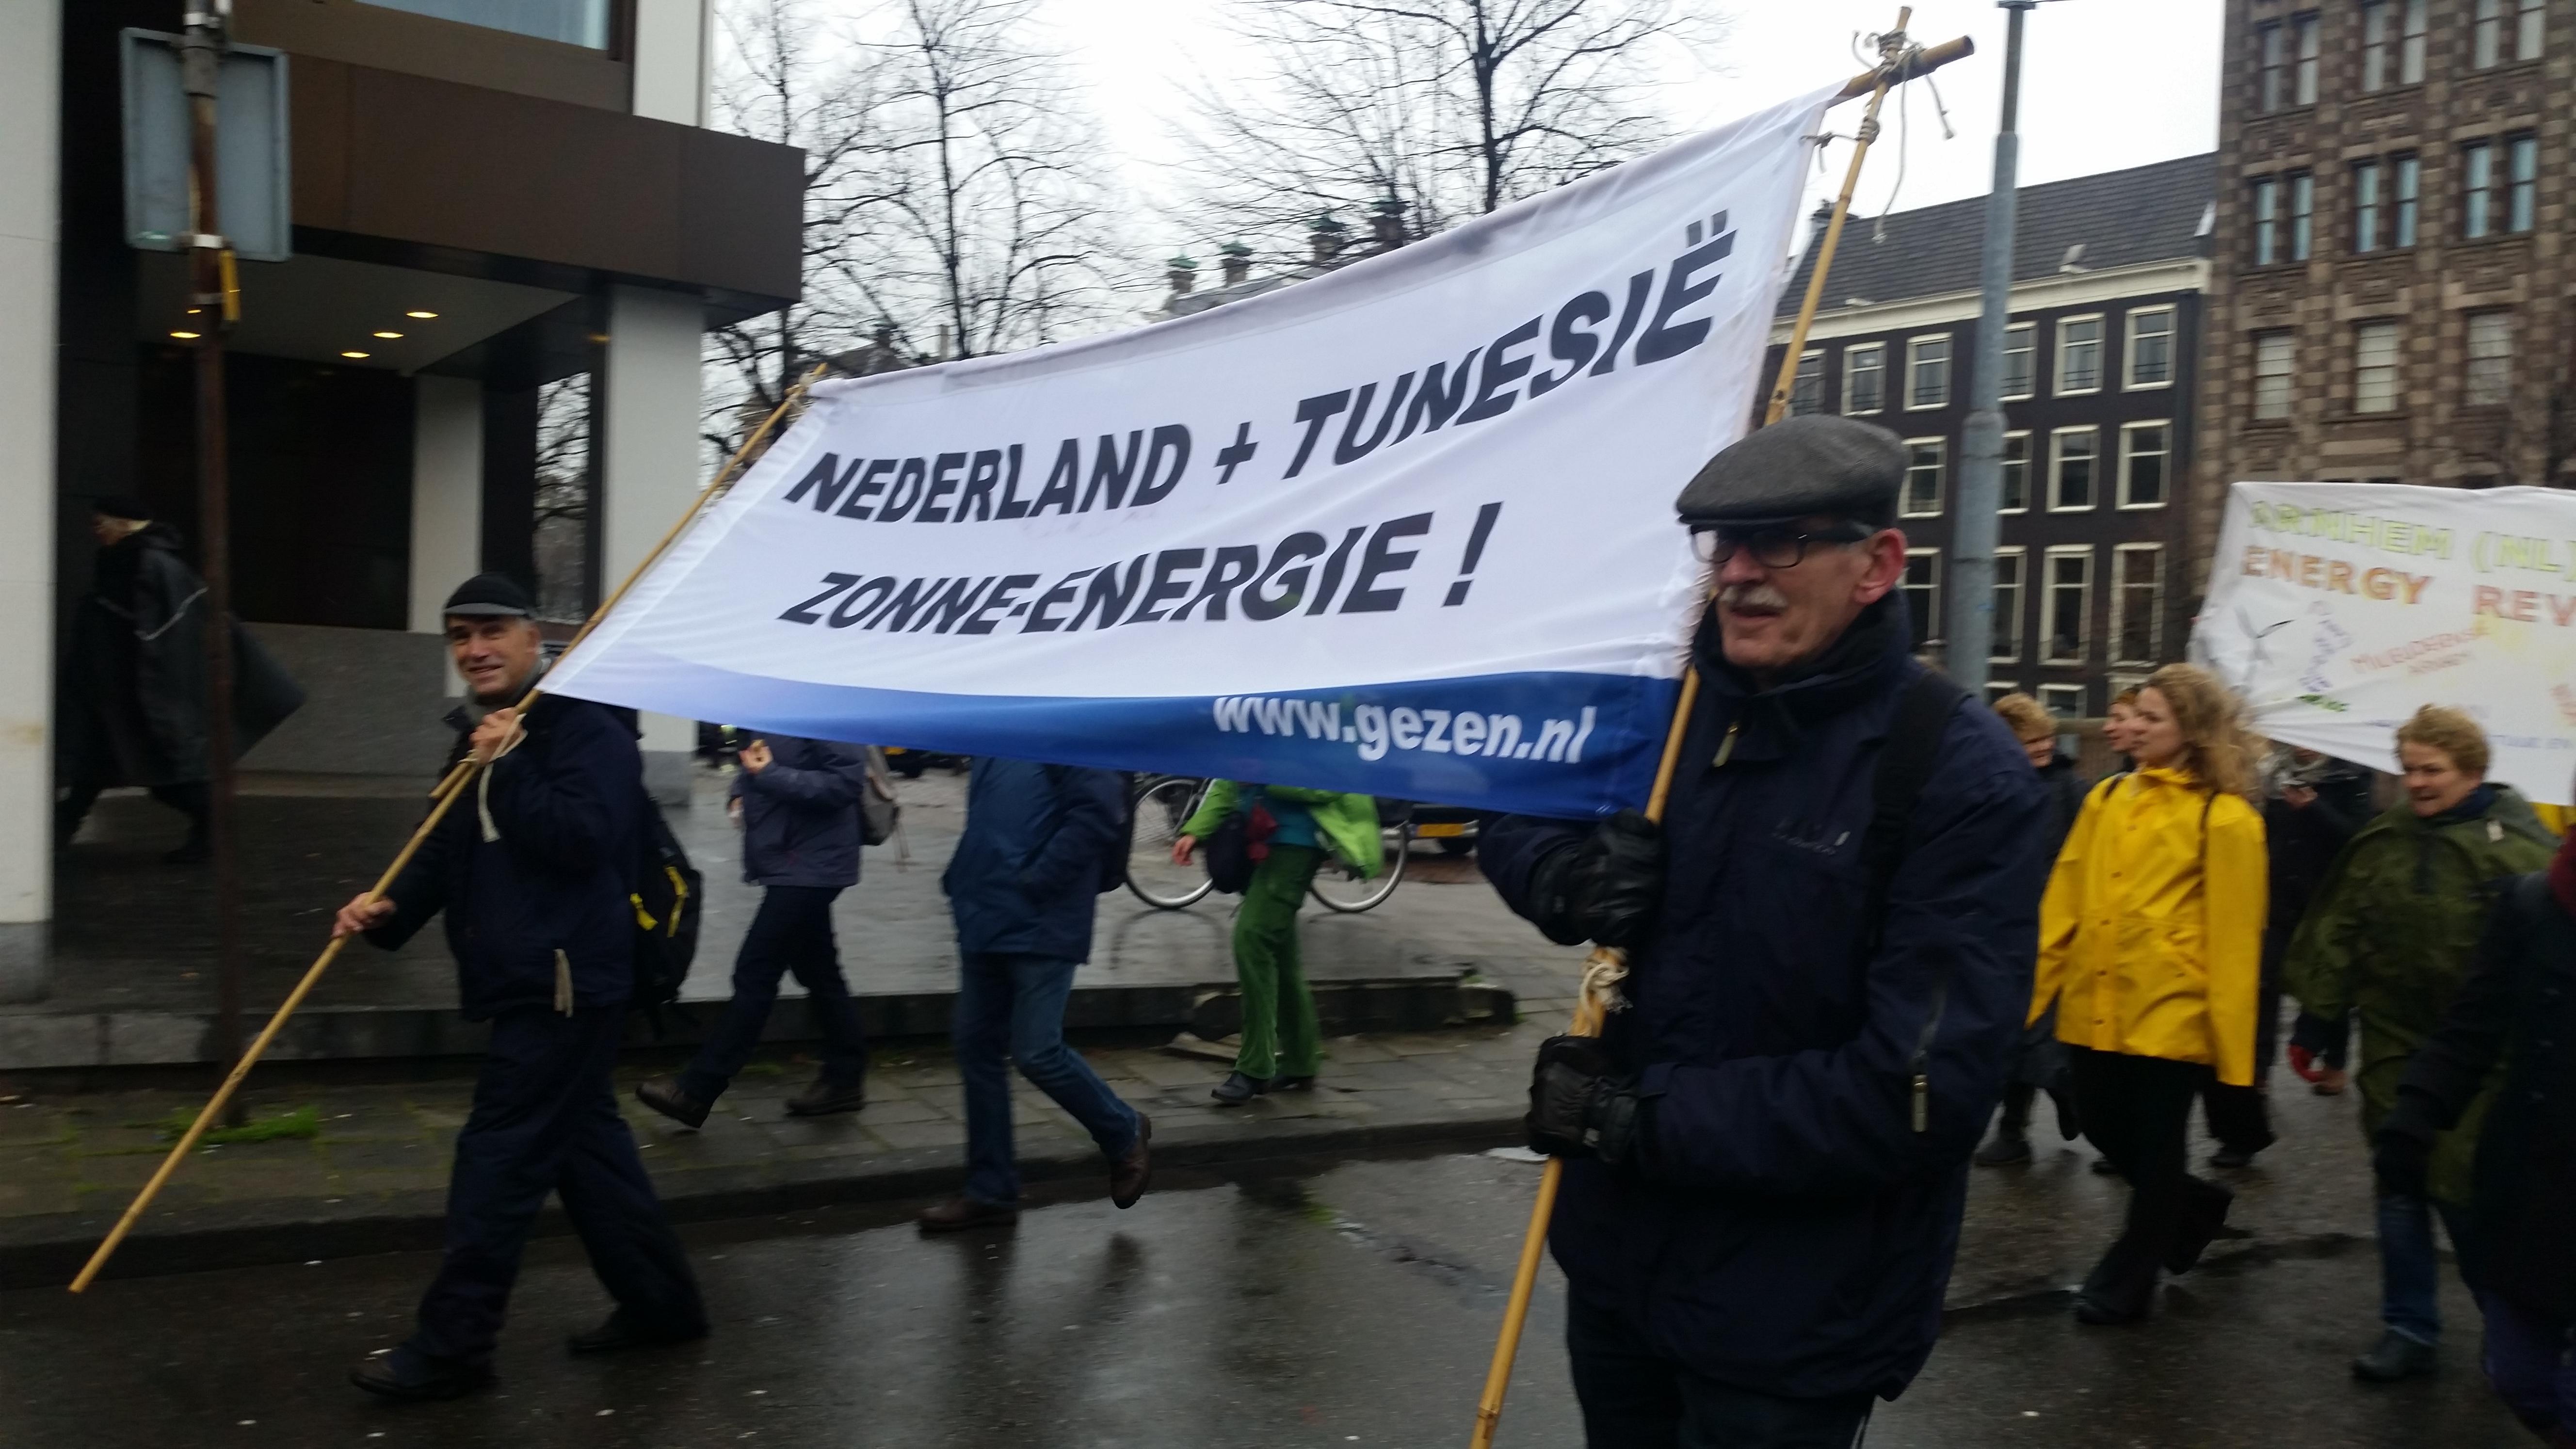 GEZEN directeur Evert van Voorthuysen en penningmeester James Kuipers propageren het Nederlands-Tunesisch Zonne-Energie Plan (link) op de Klimaatparade in Amsterdam op 29 november 2015.